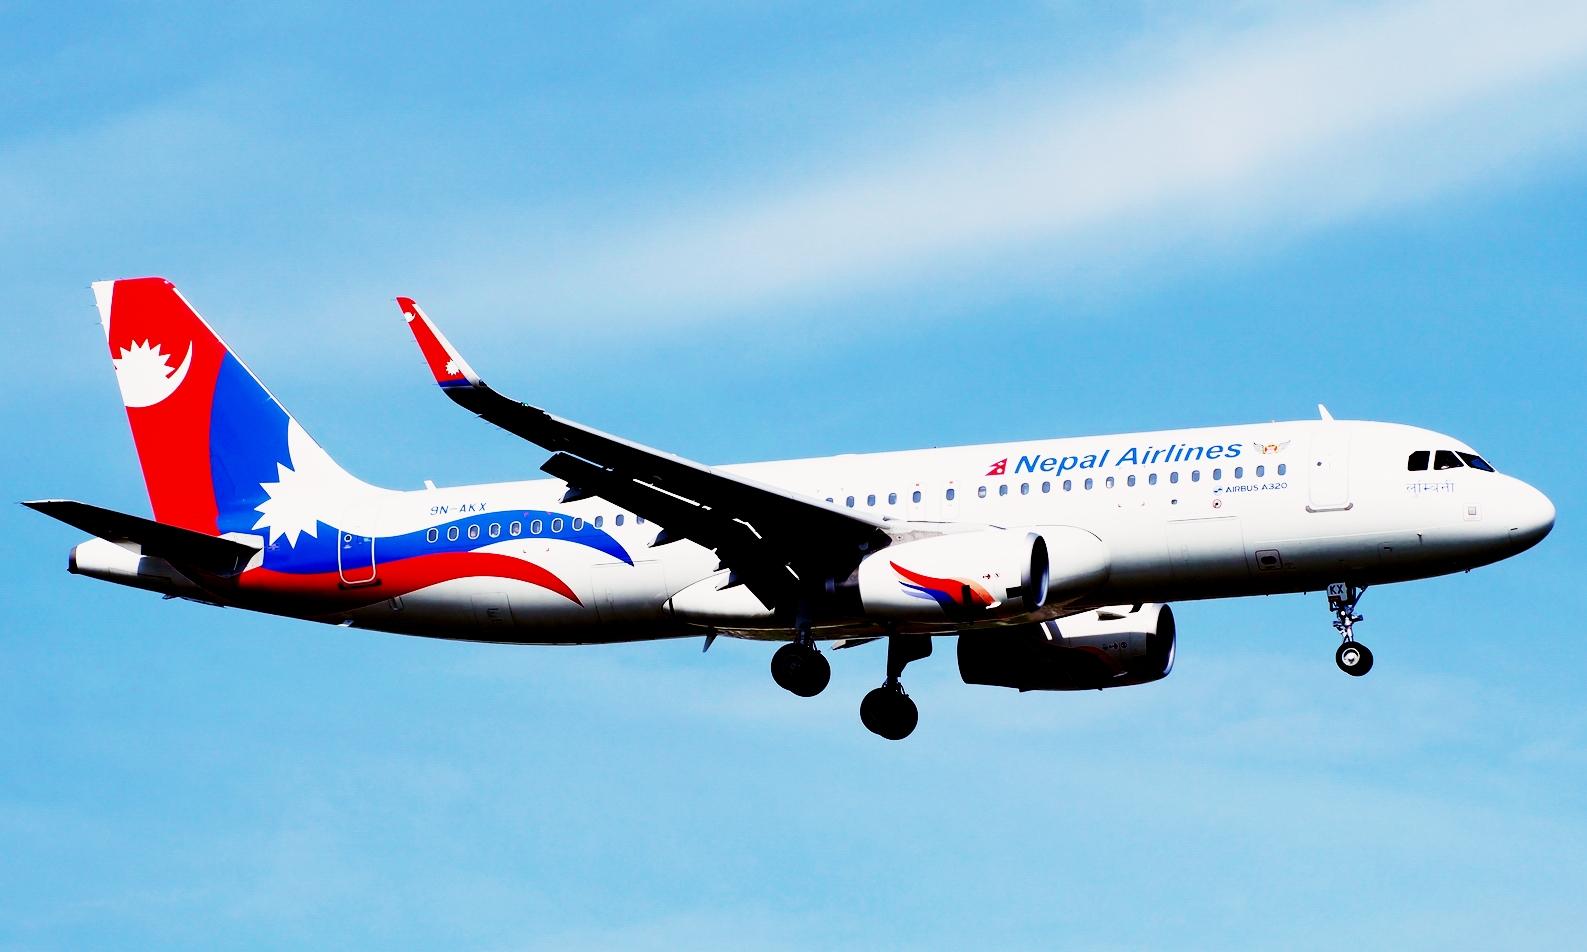 बिदामा नेपाल गएकालाई चार्टर्ड विमानमार्फत कोरिया  फर्काउने तयारी